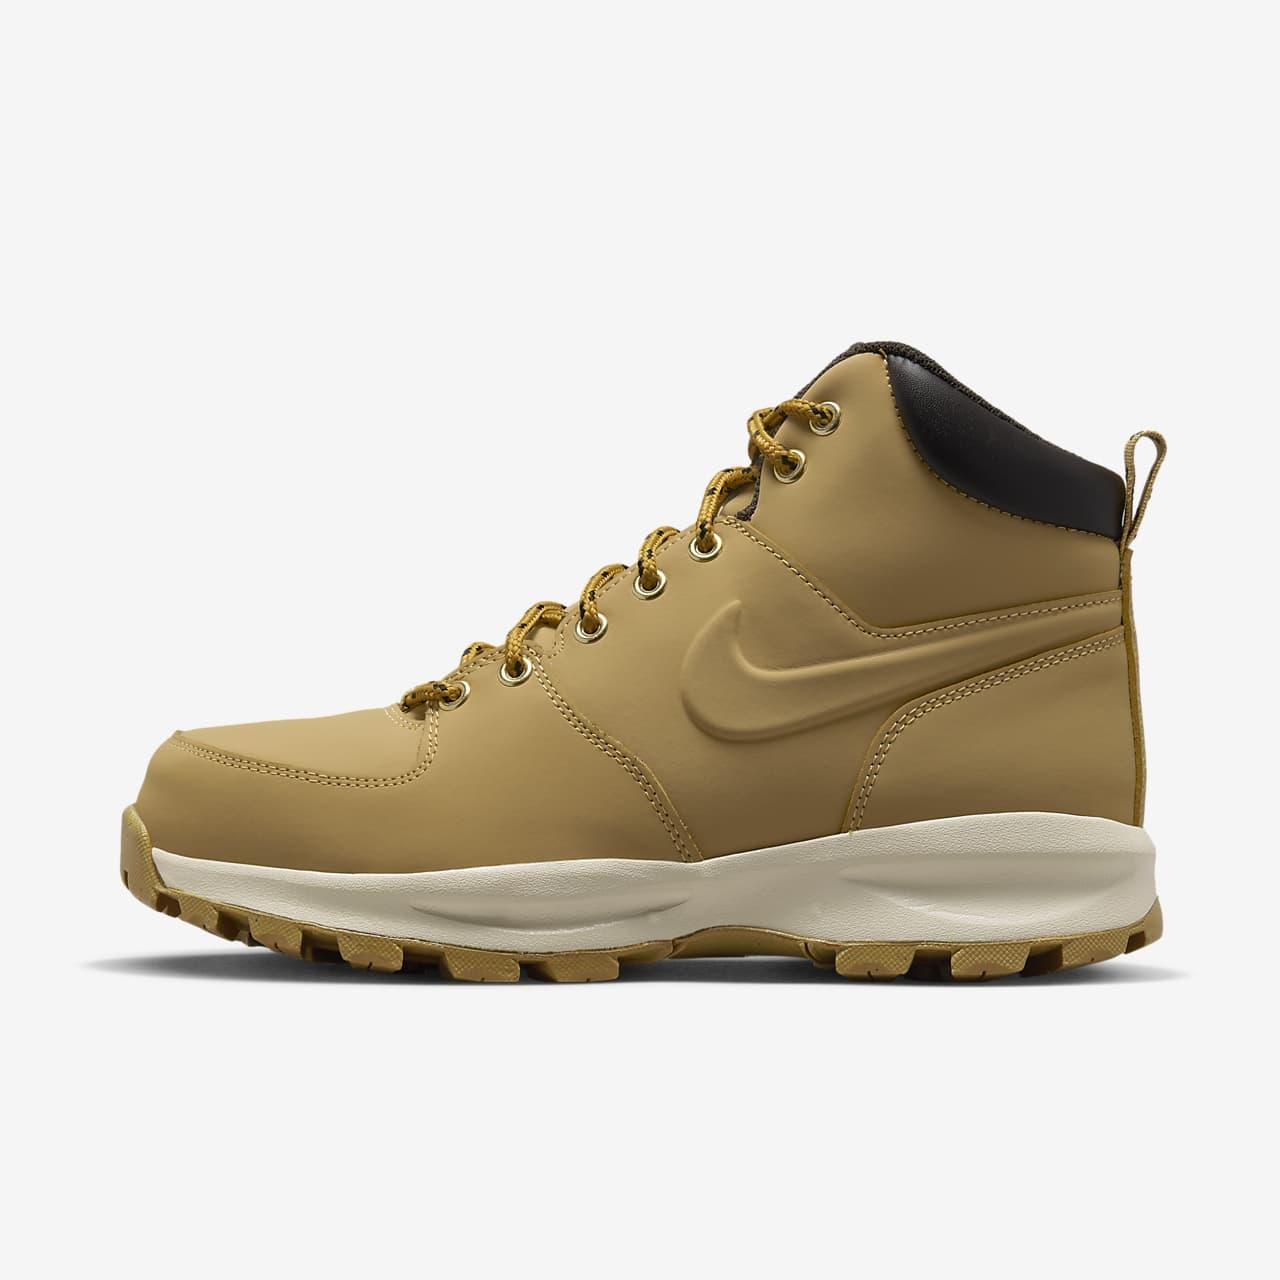 Sko Nike Manoa för män